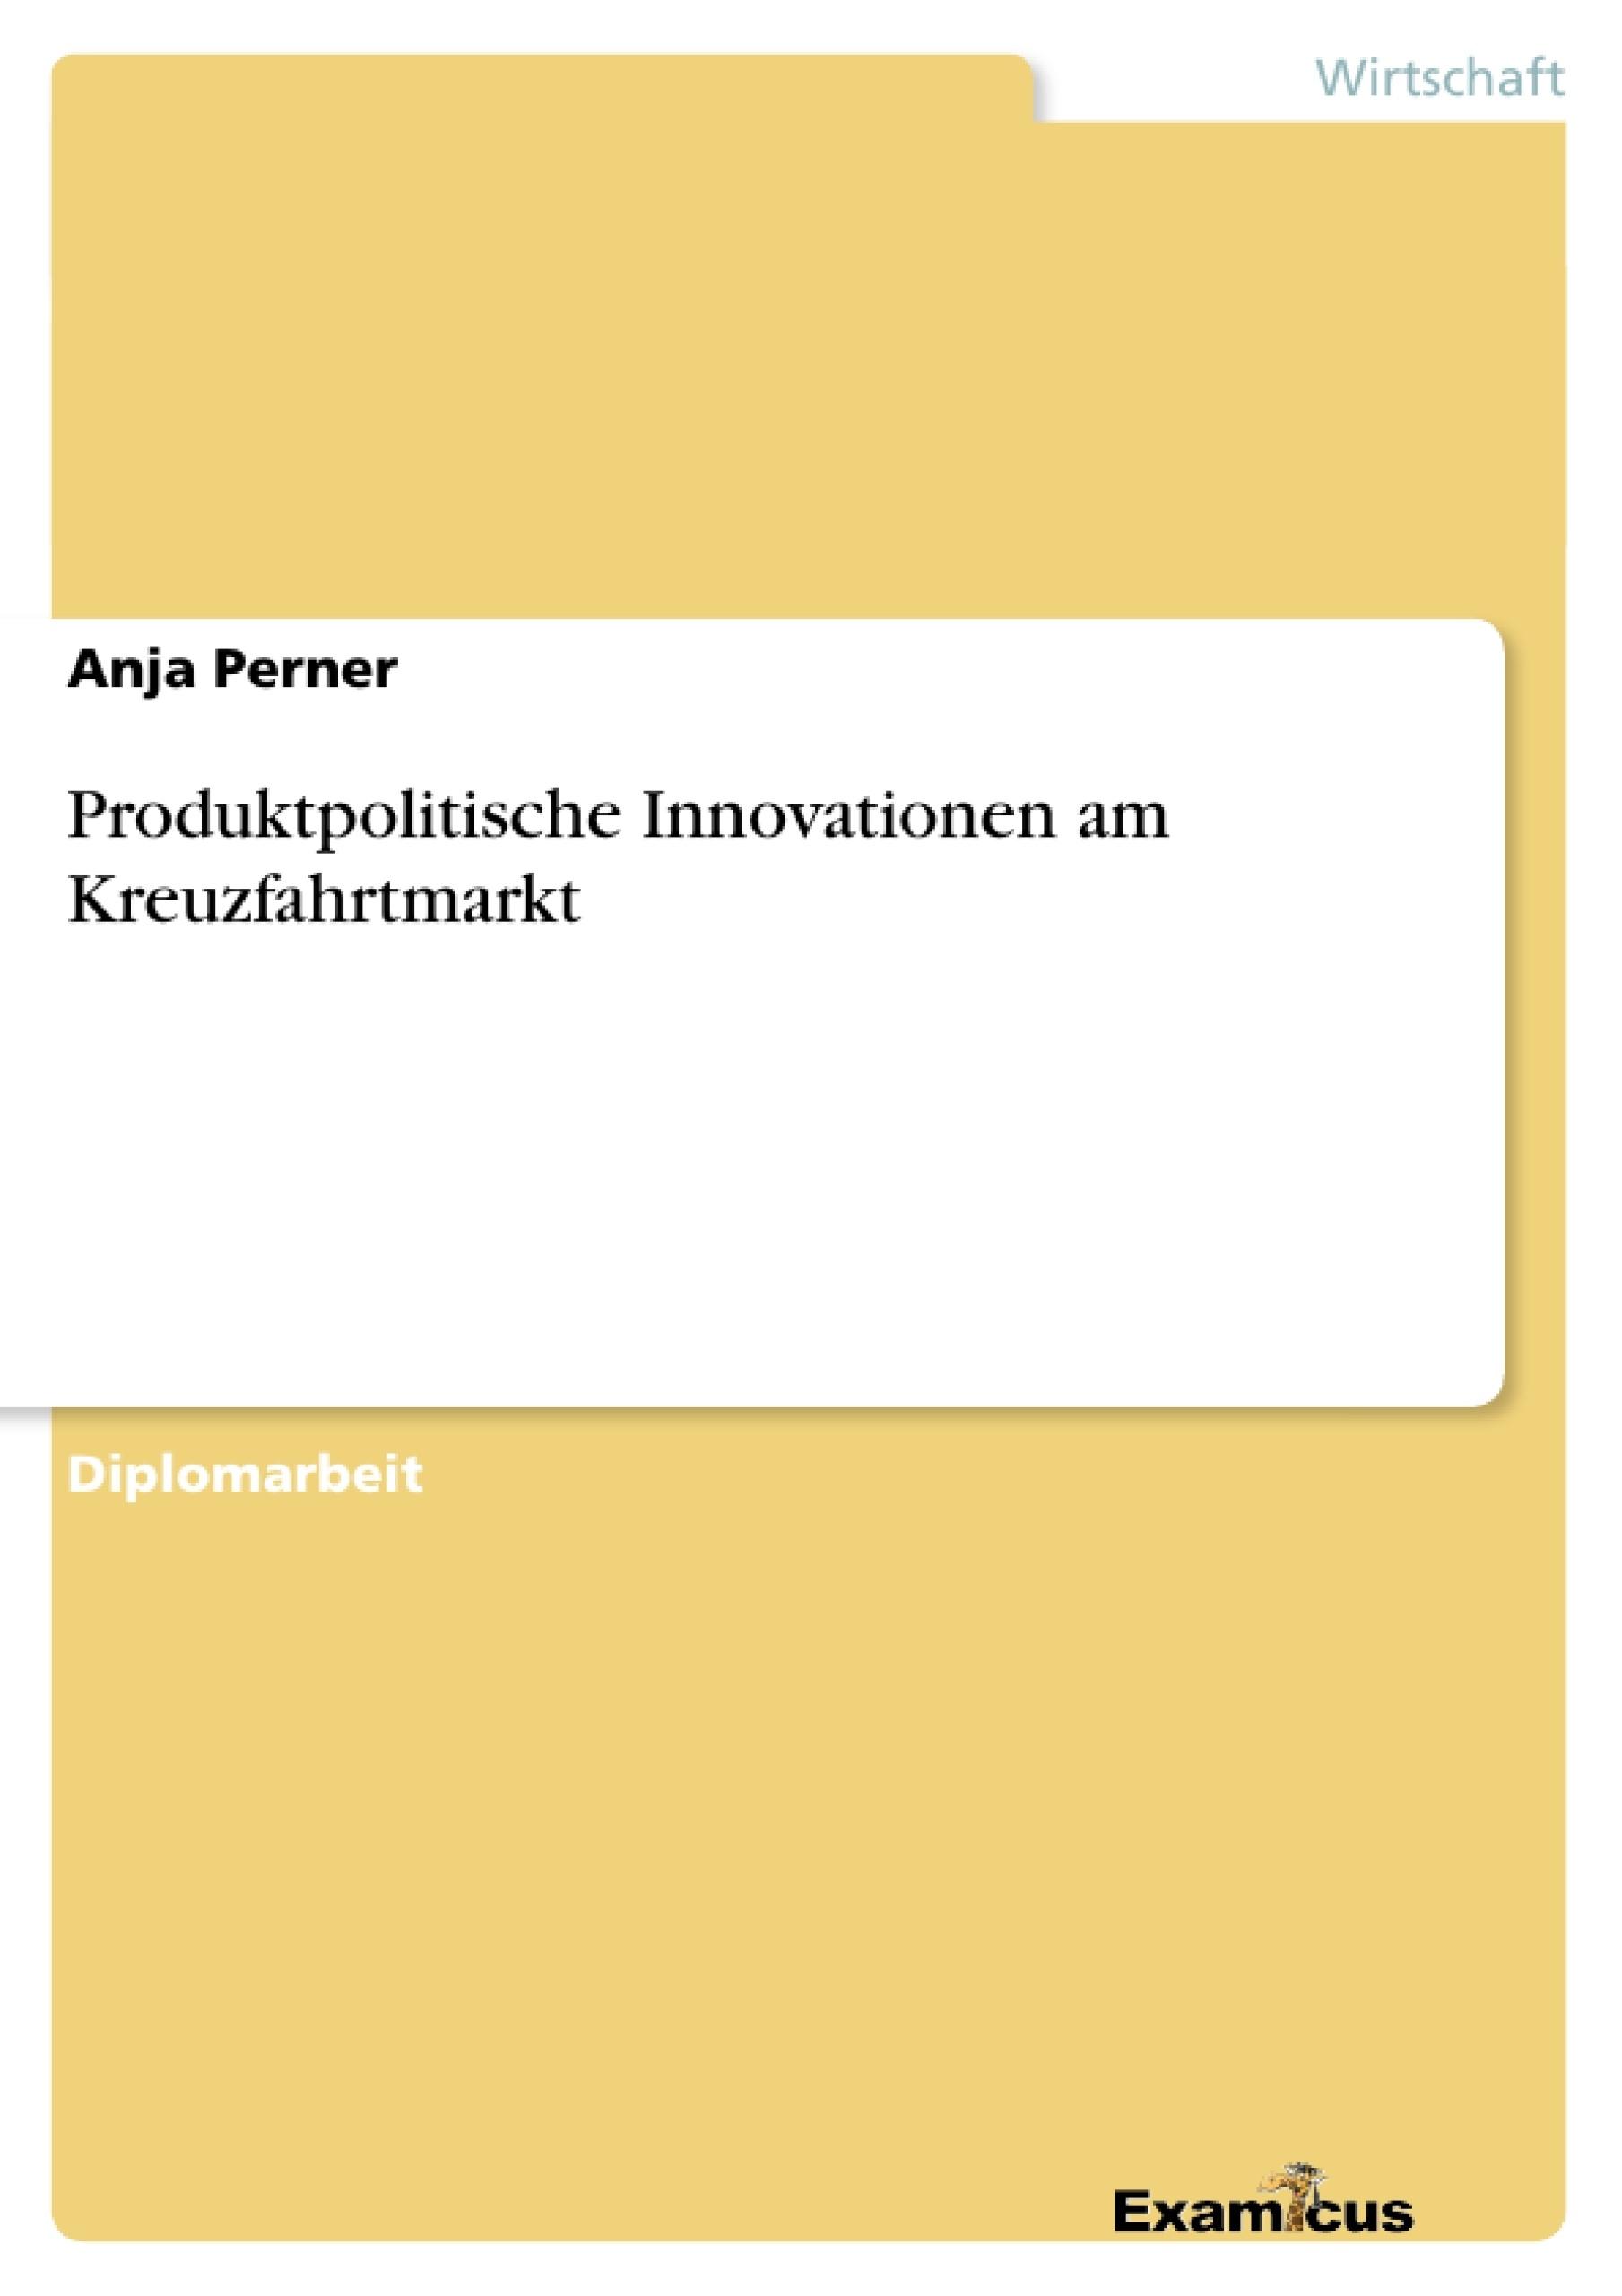 Titel: Produktpolitische Innovationen am Kreuzfahrtmarkt